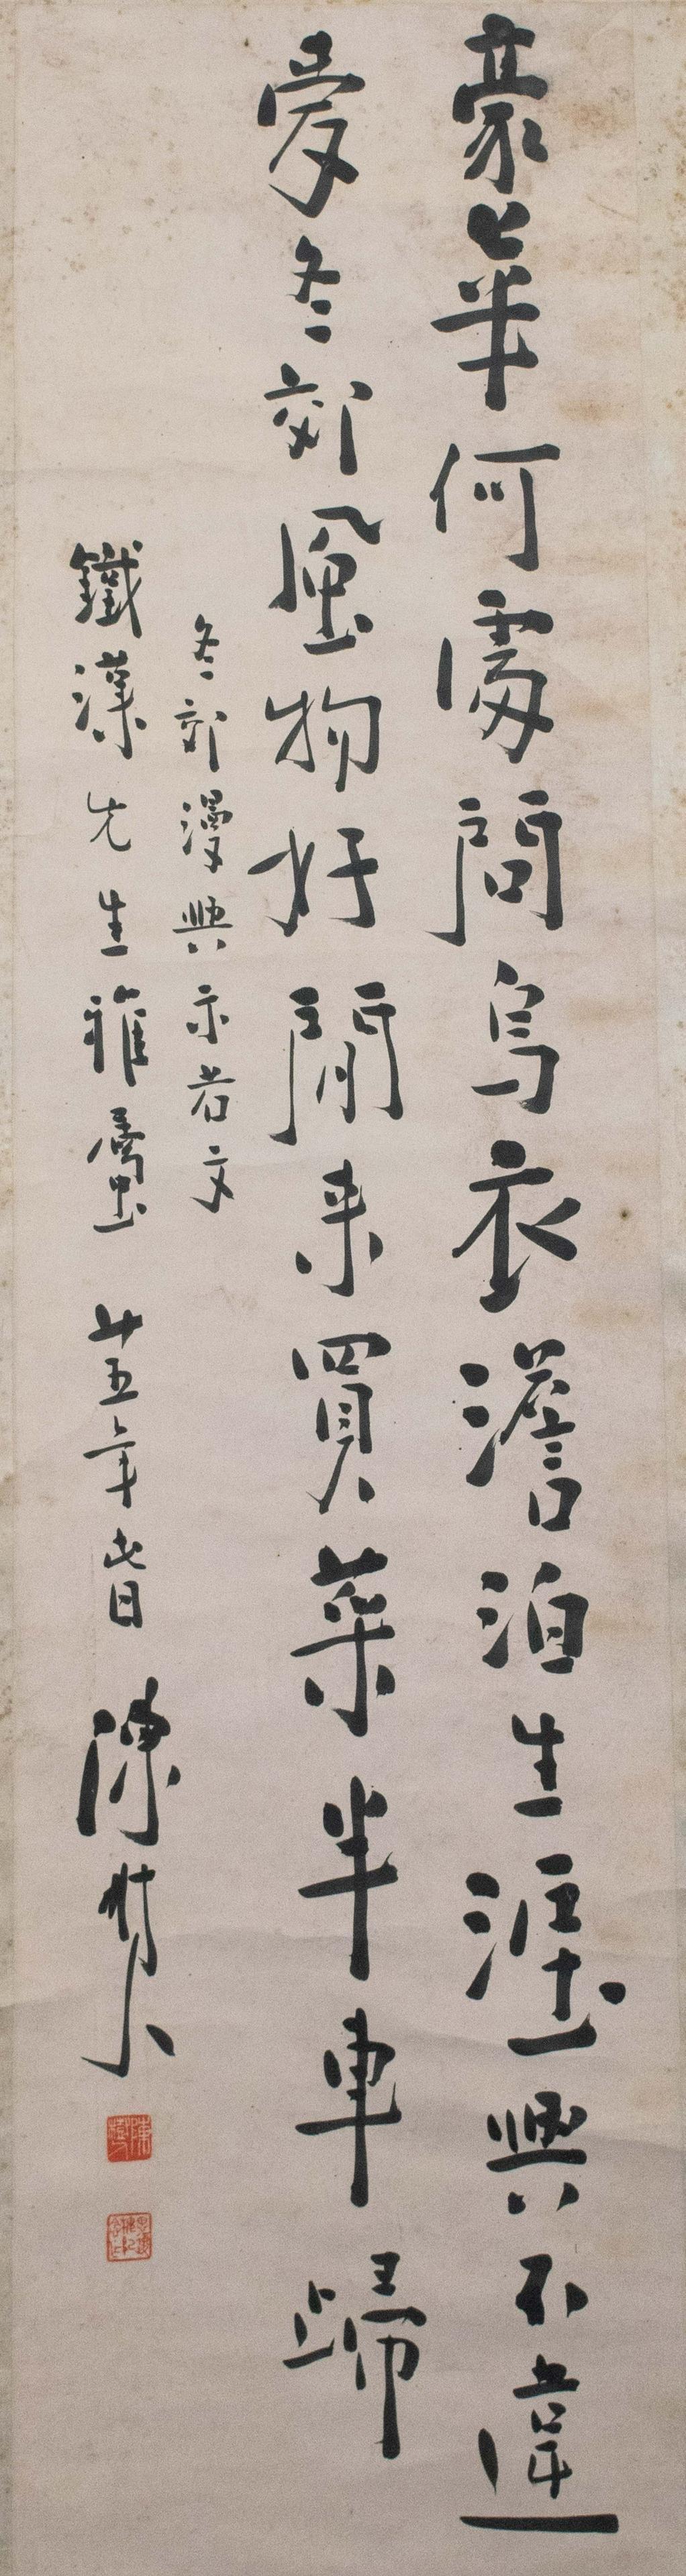 Calligraphy Poem, Chen Shuren Dedicated to Tiehan